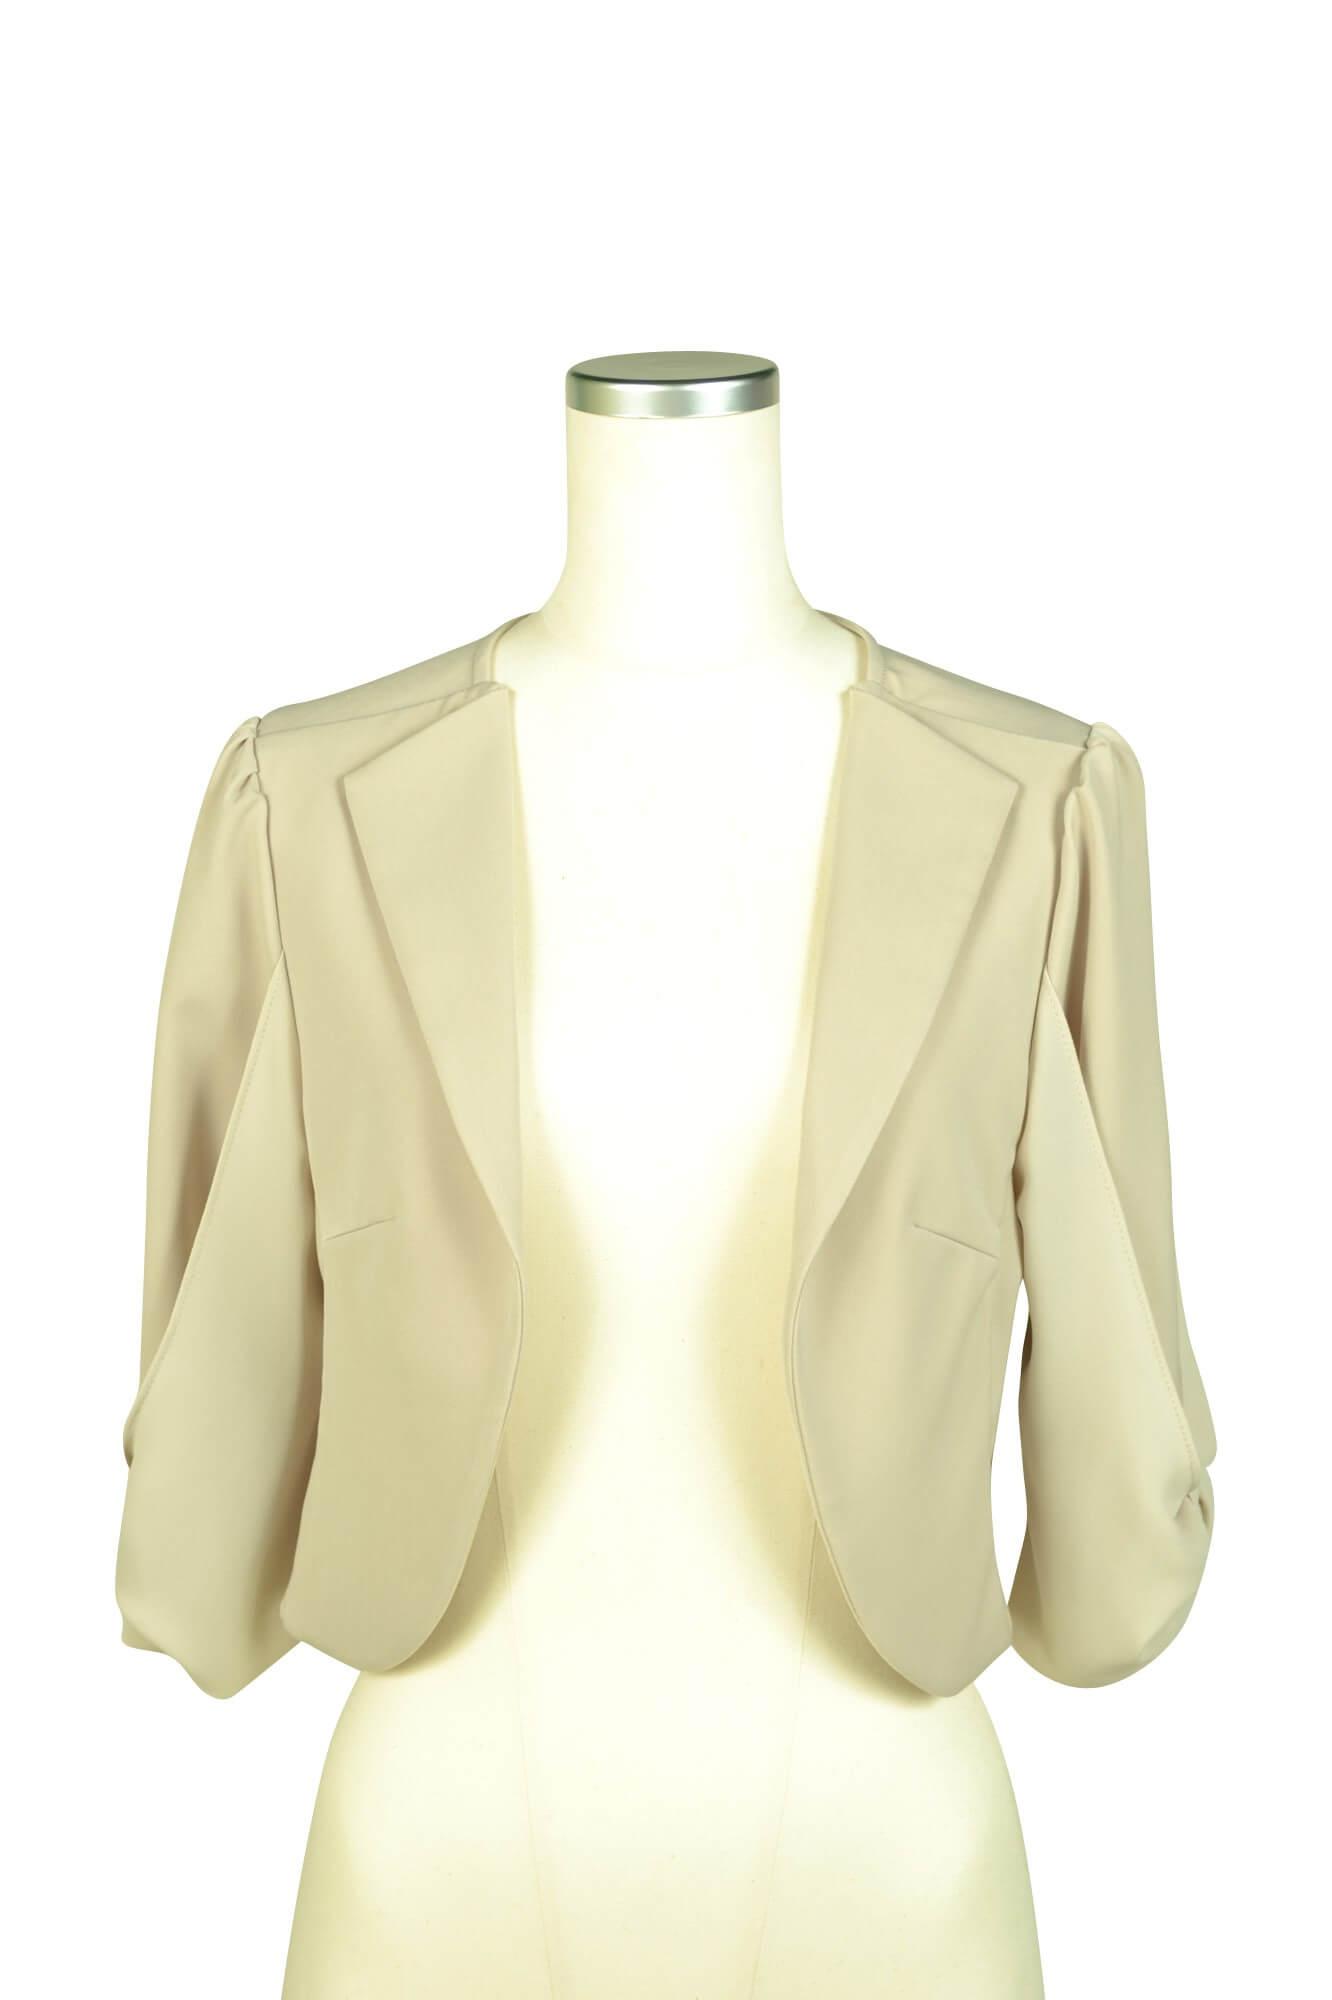 ミベル ミューズ(mebelle muse) 袖リボン5分袖ベージュジャケット